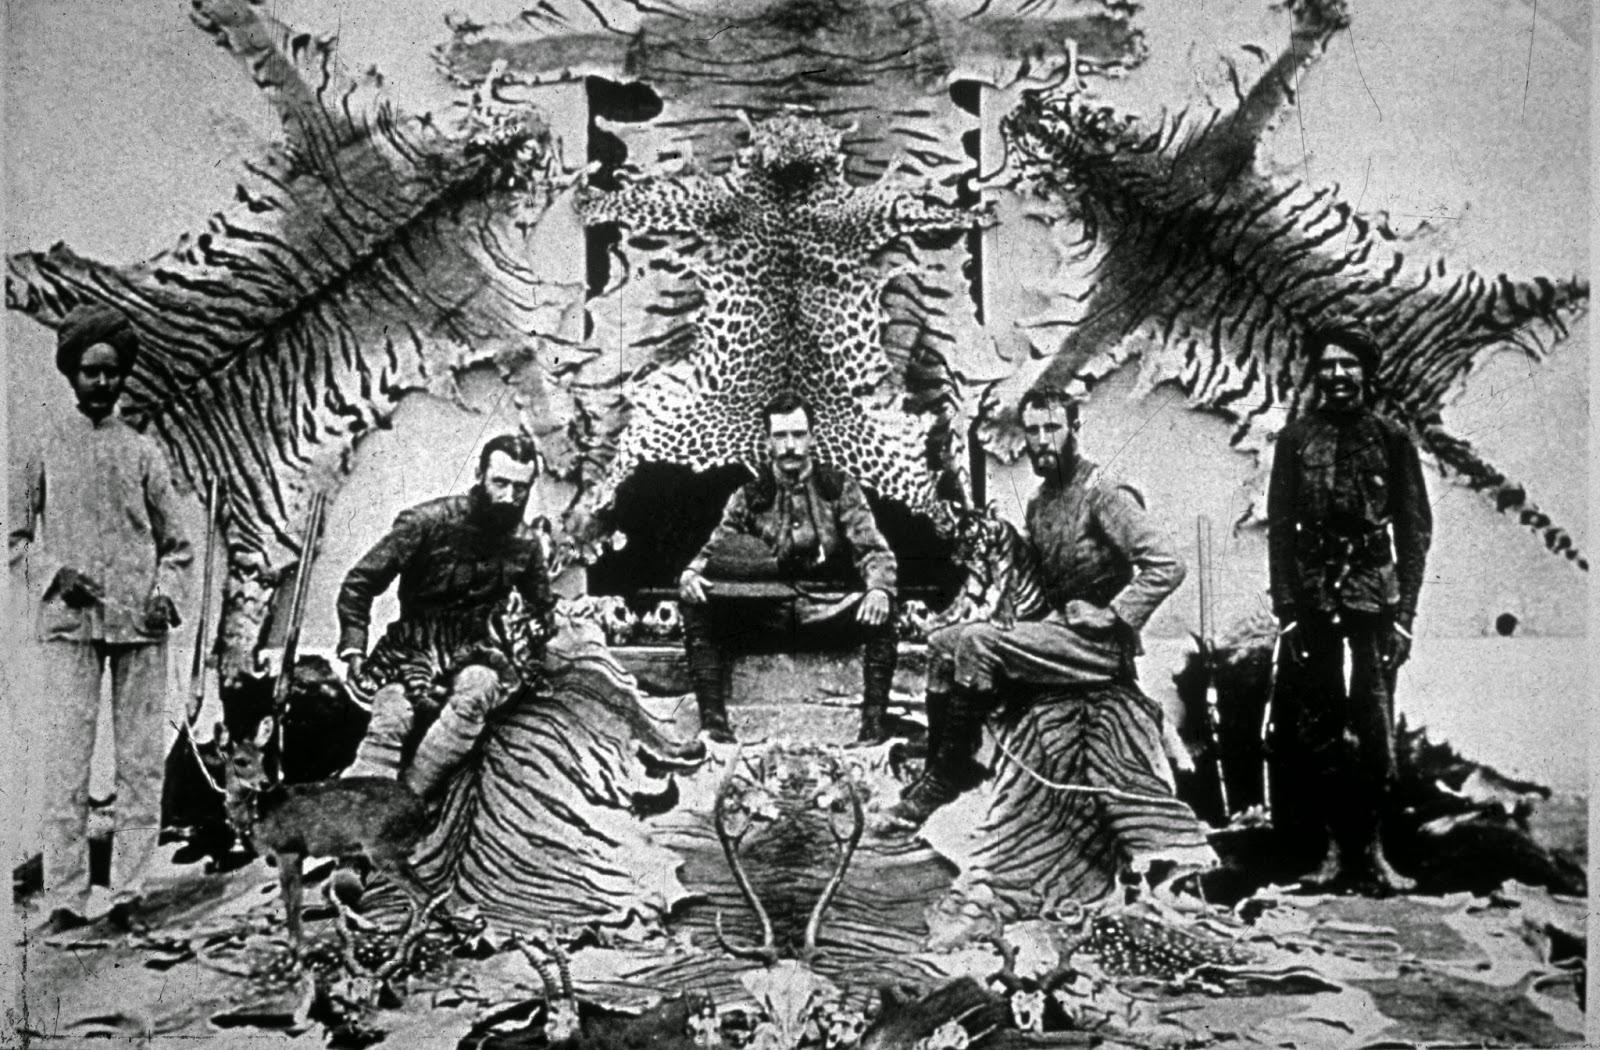 Británicos cazando tigres en la India colonial